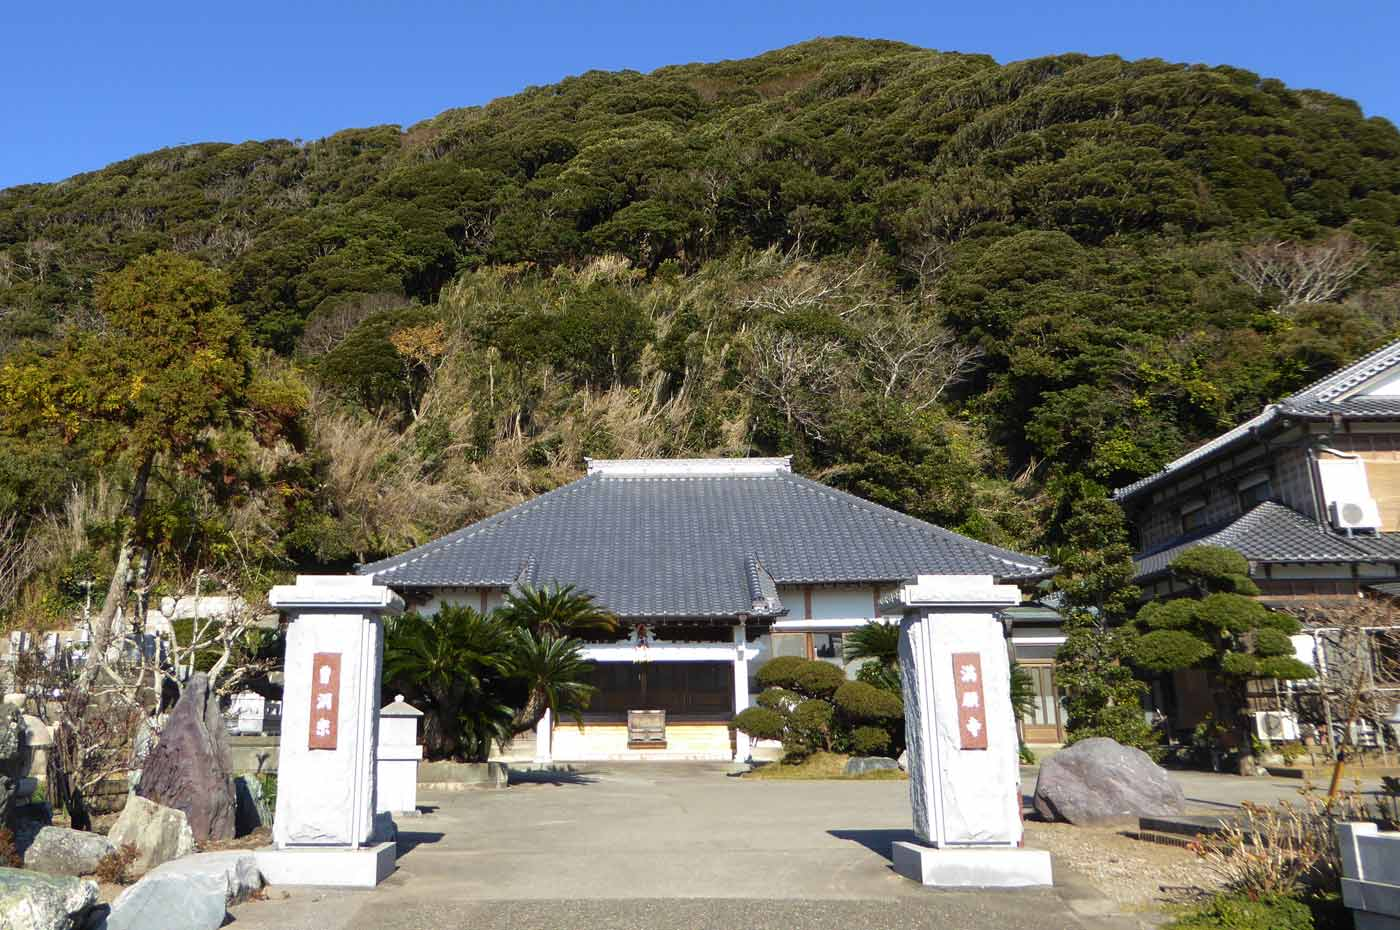 満願寺の本堂の画像